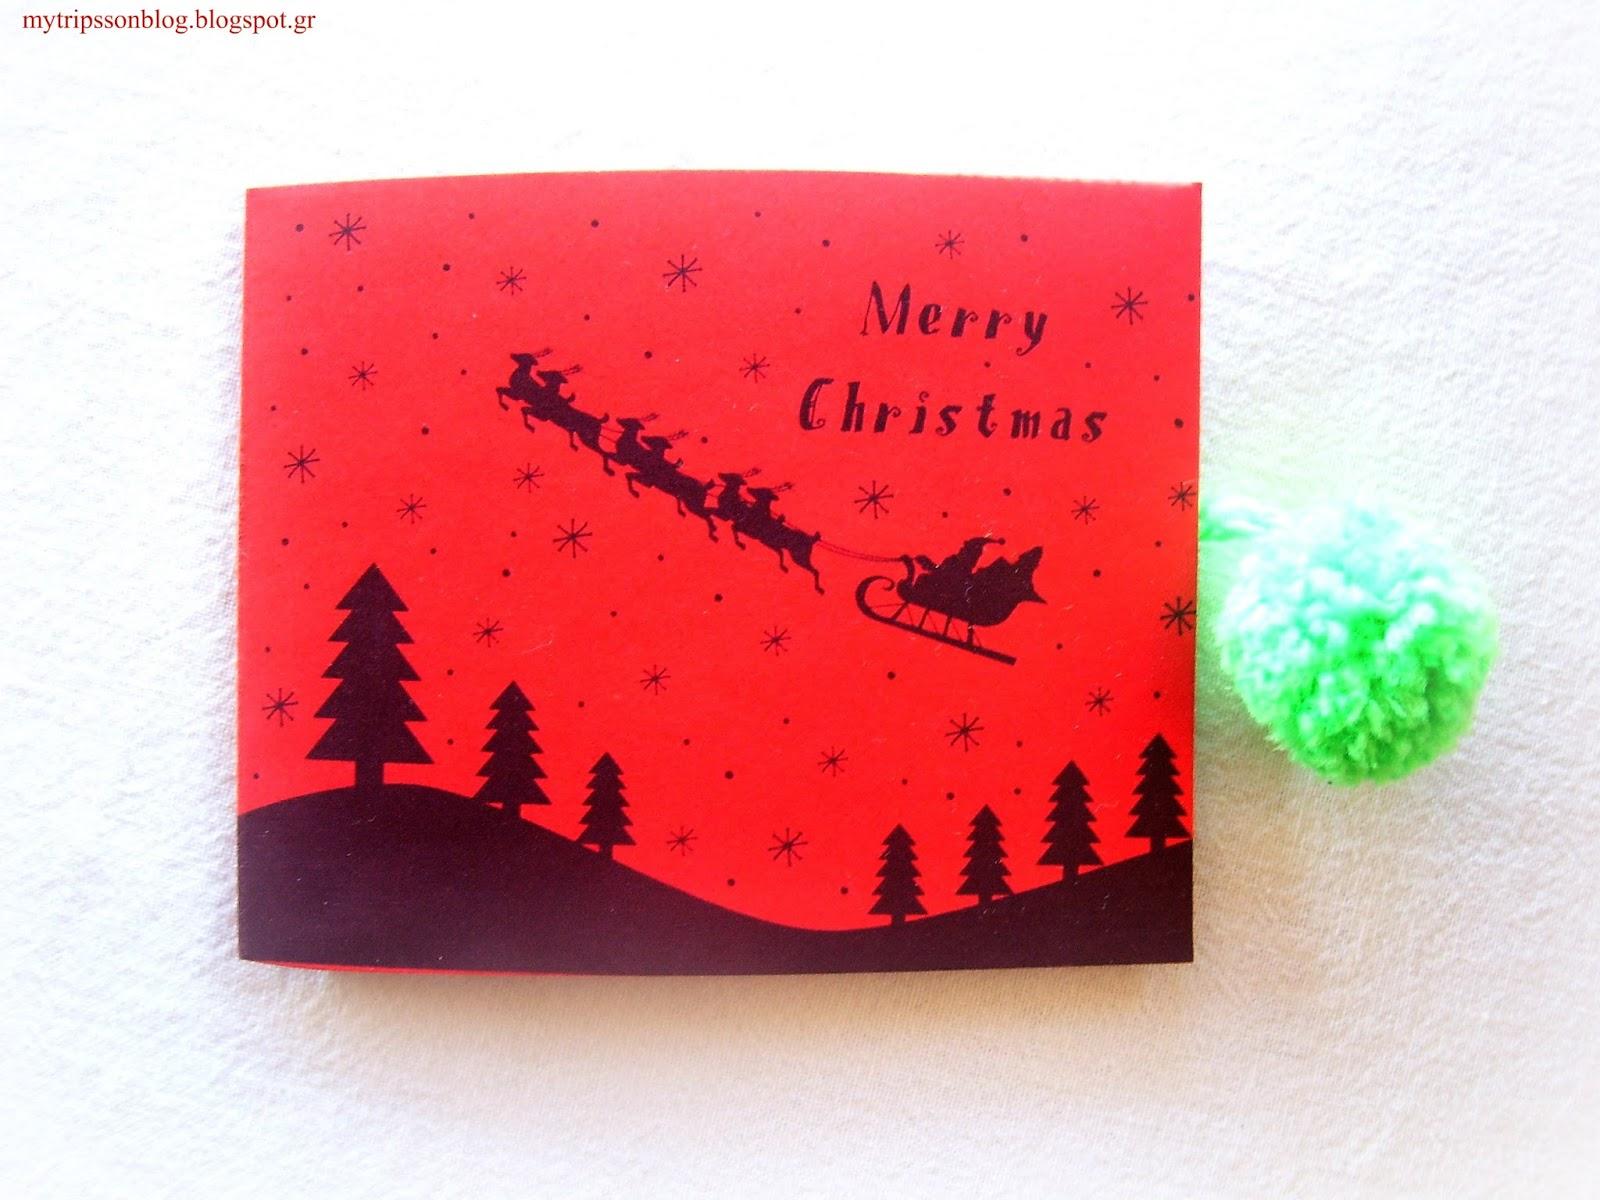 Χριστουγεννιάτικο δώρο κορίτσι που χρονολογείται 2 μήνες